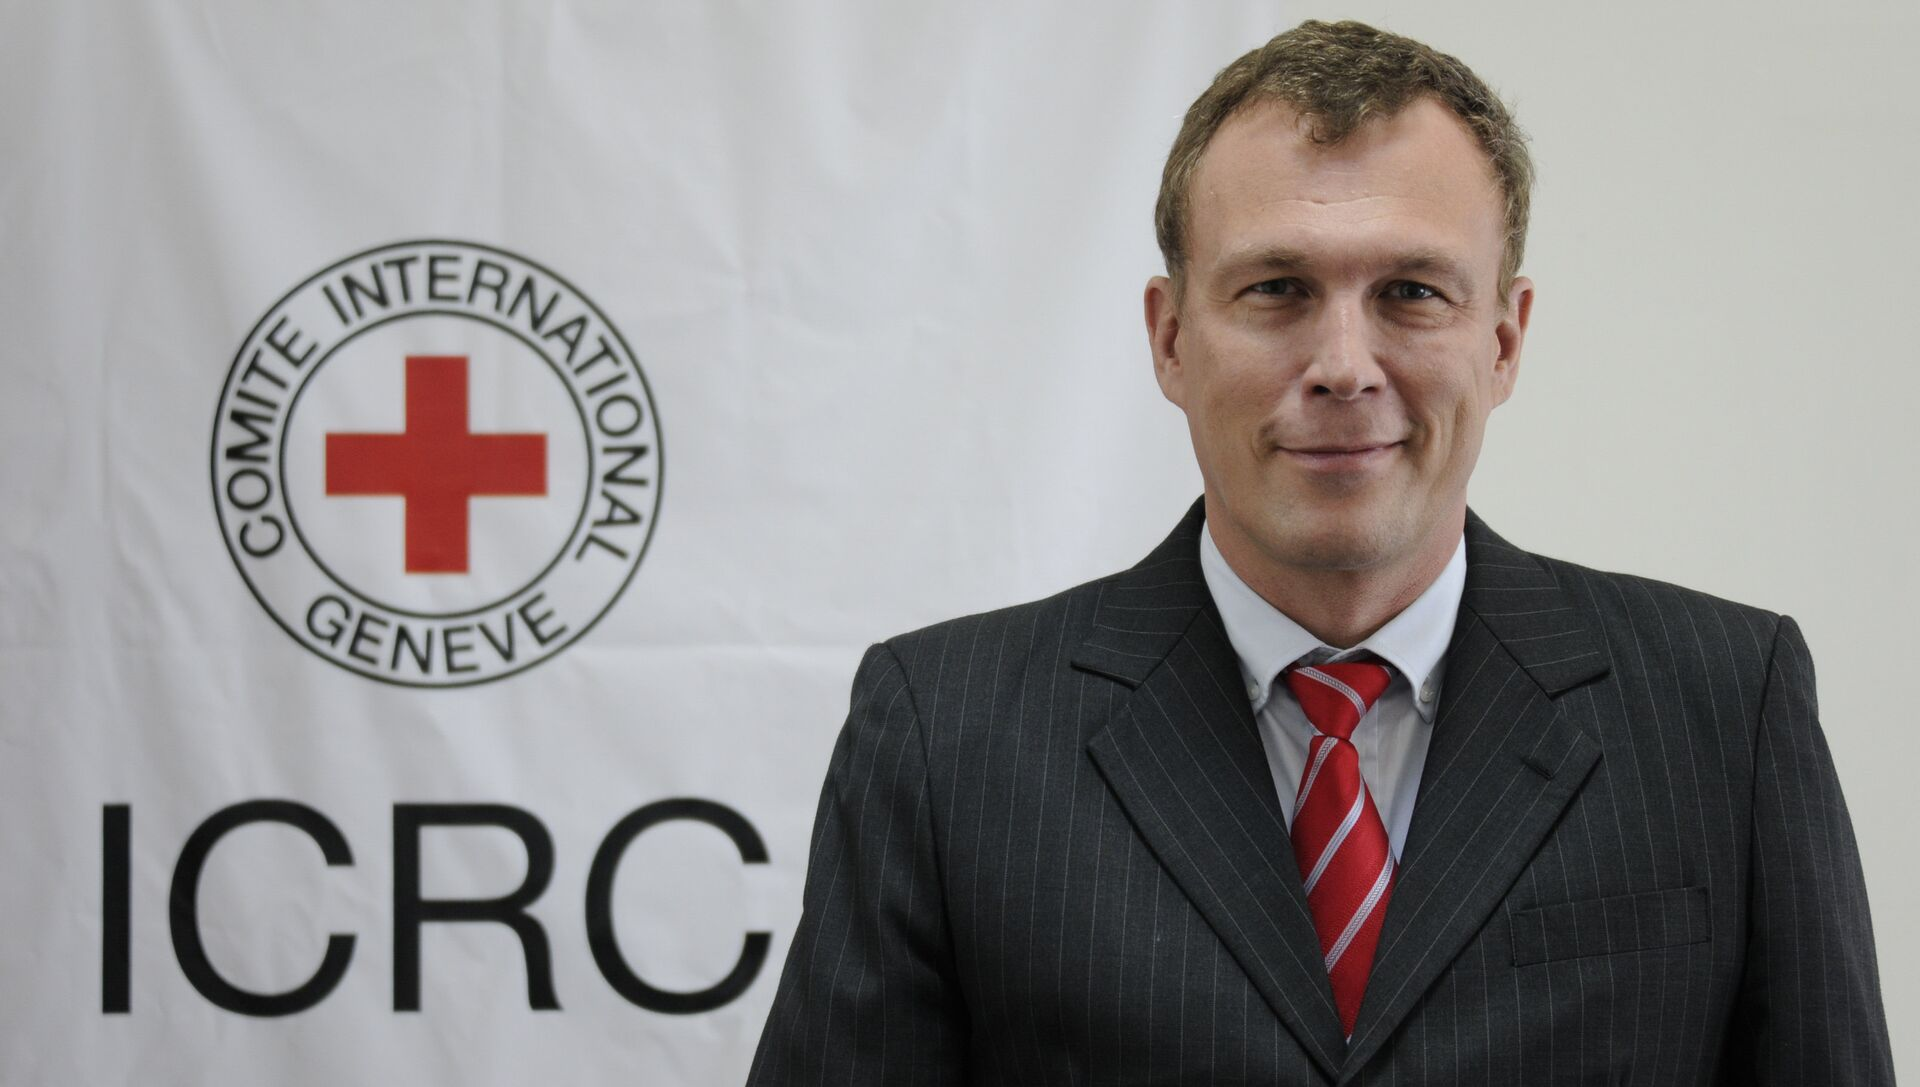 Глава делегации Международного комитета Красного Креста в Йемене Александр Фет - РИА Новости, 1920, 27.04.2018